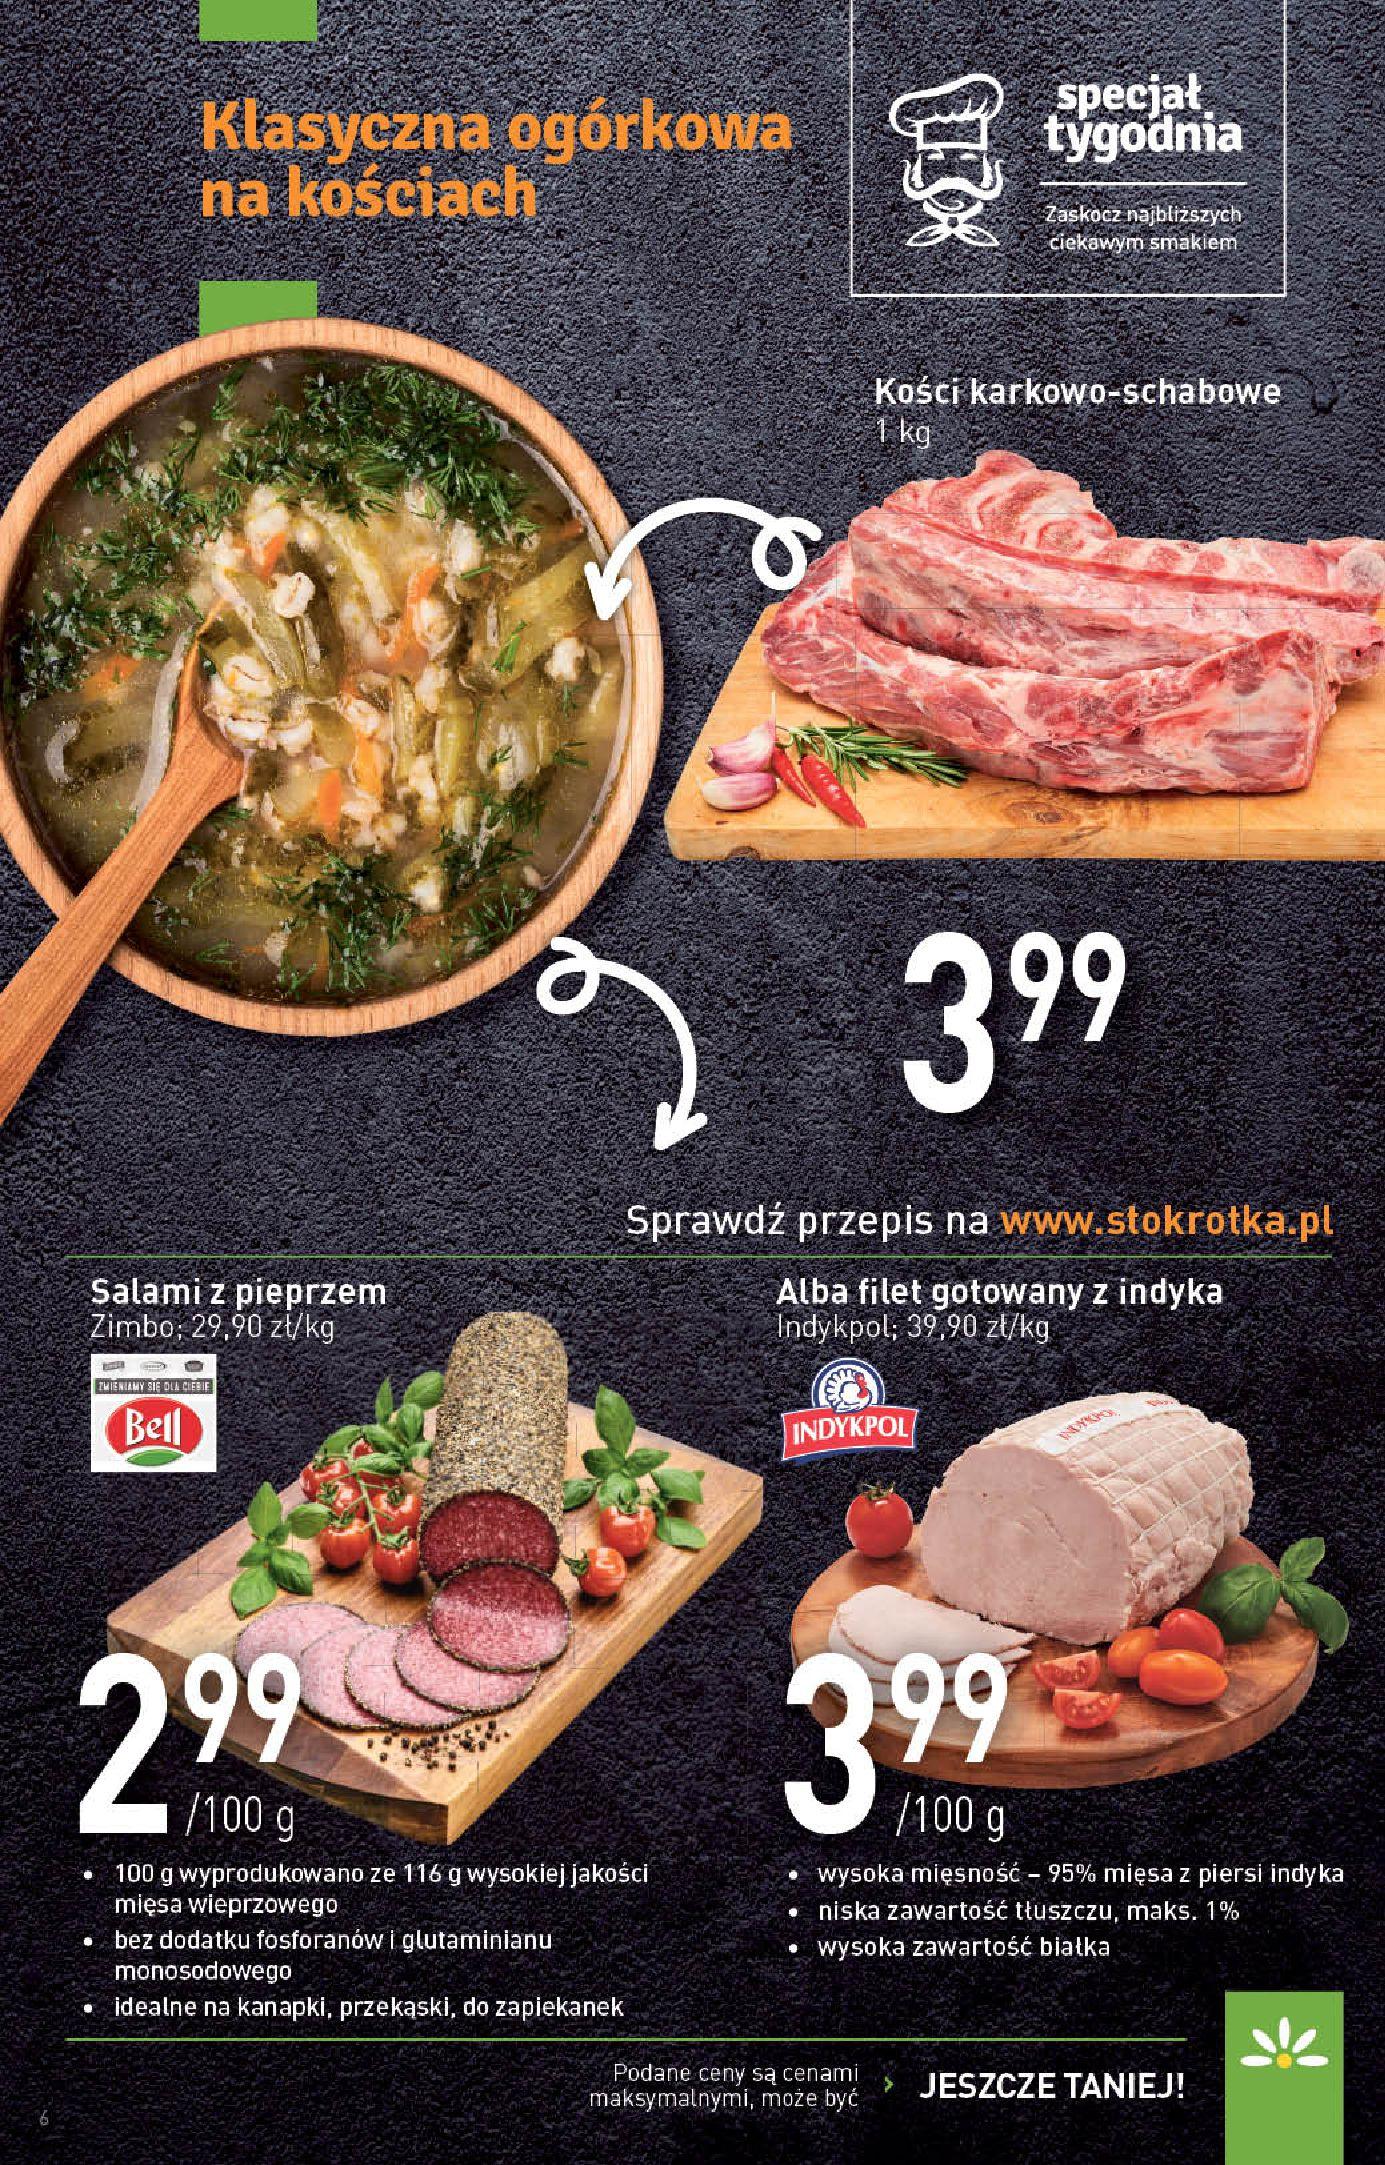 Gazetka Stokrotka Supermarket: Stokrotka Supermarket_IMPORTED_20210720130049 2021-07-22 page-6